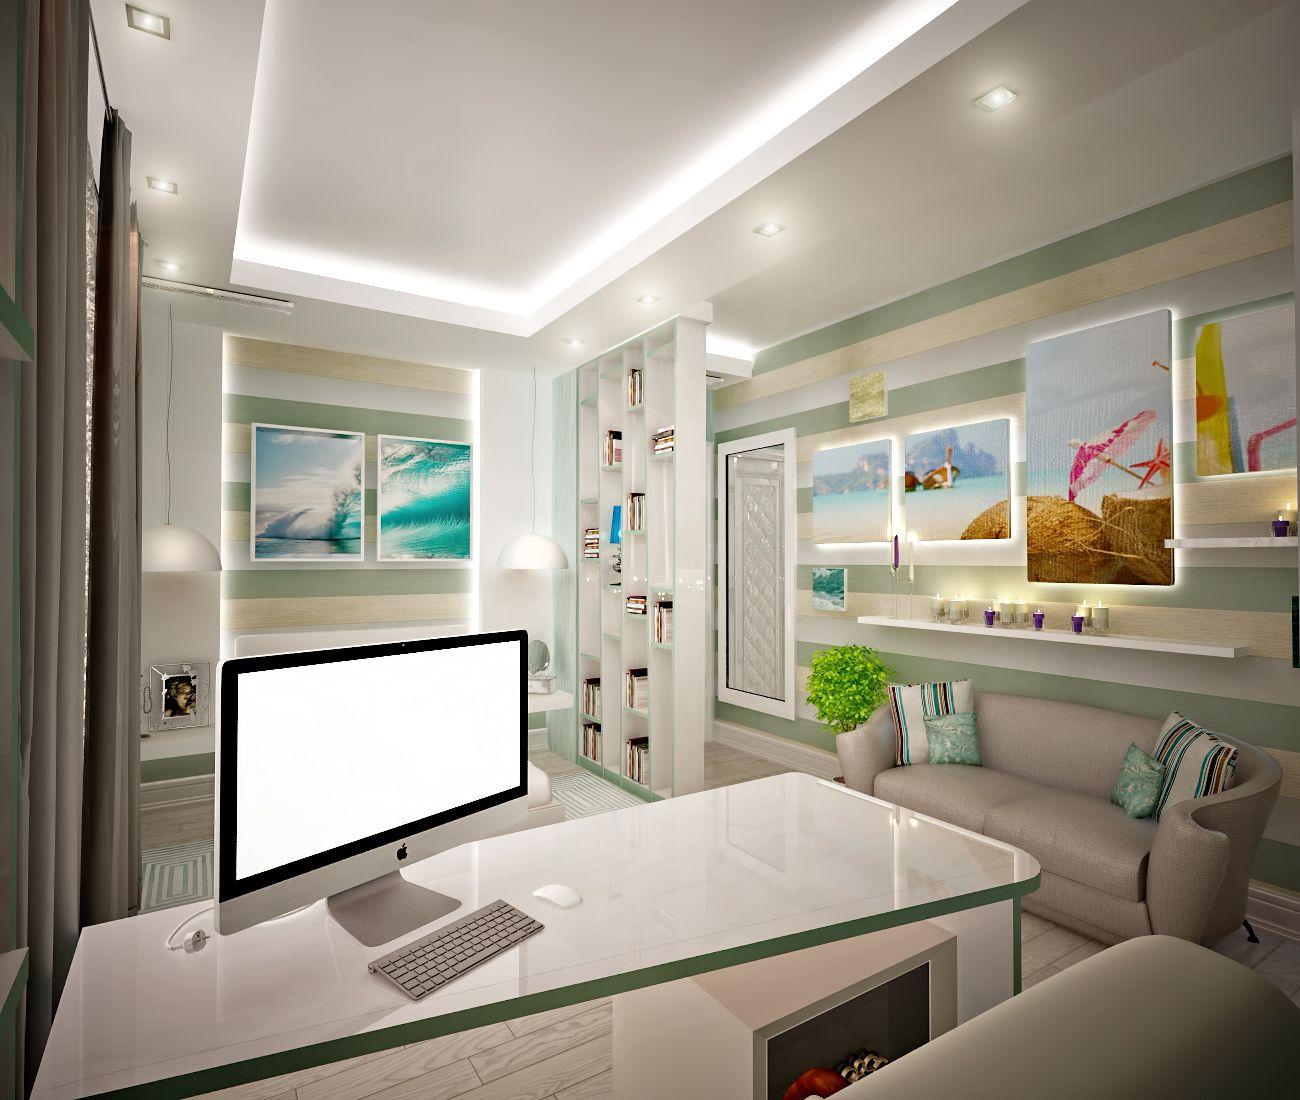 дизайн детской комнаты в бирюзовых тонах